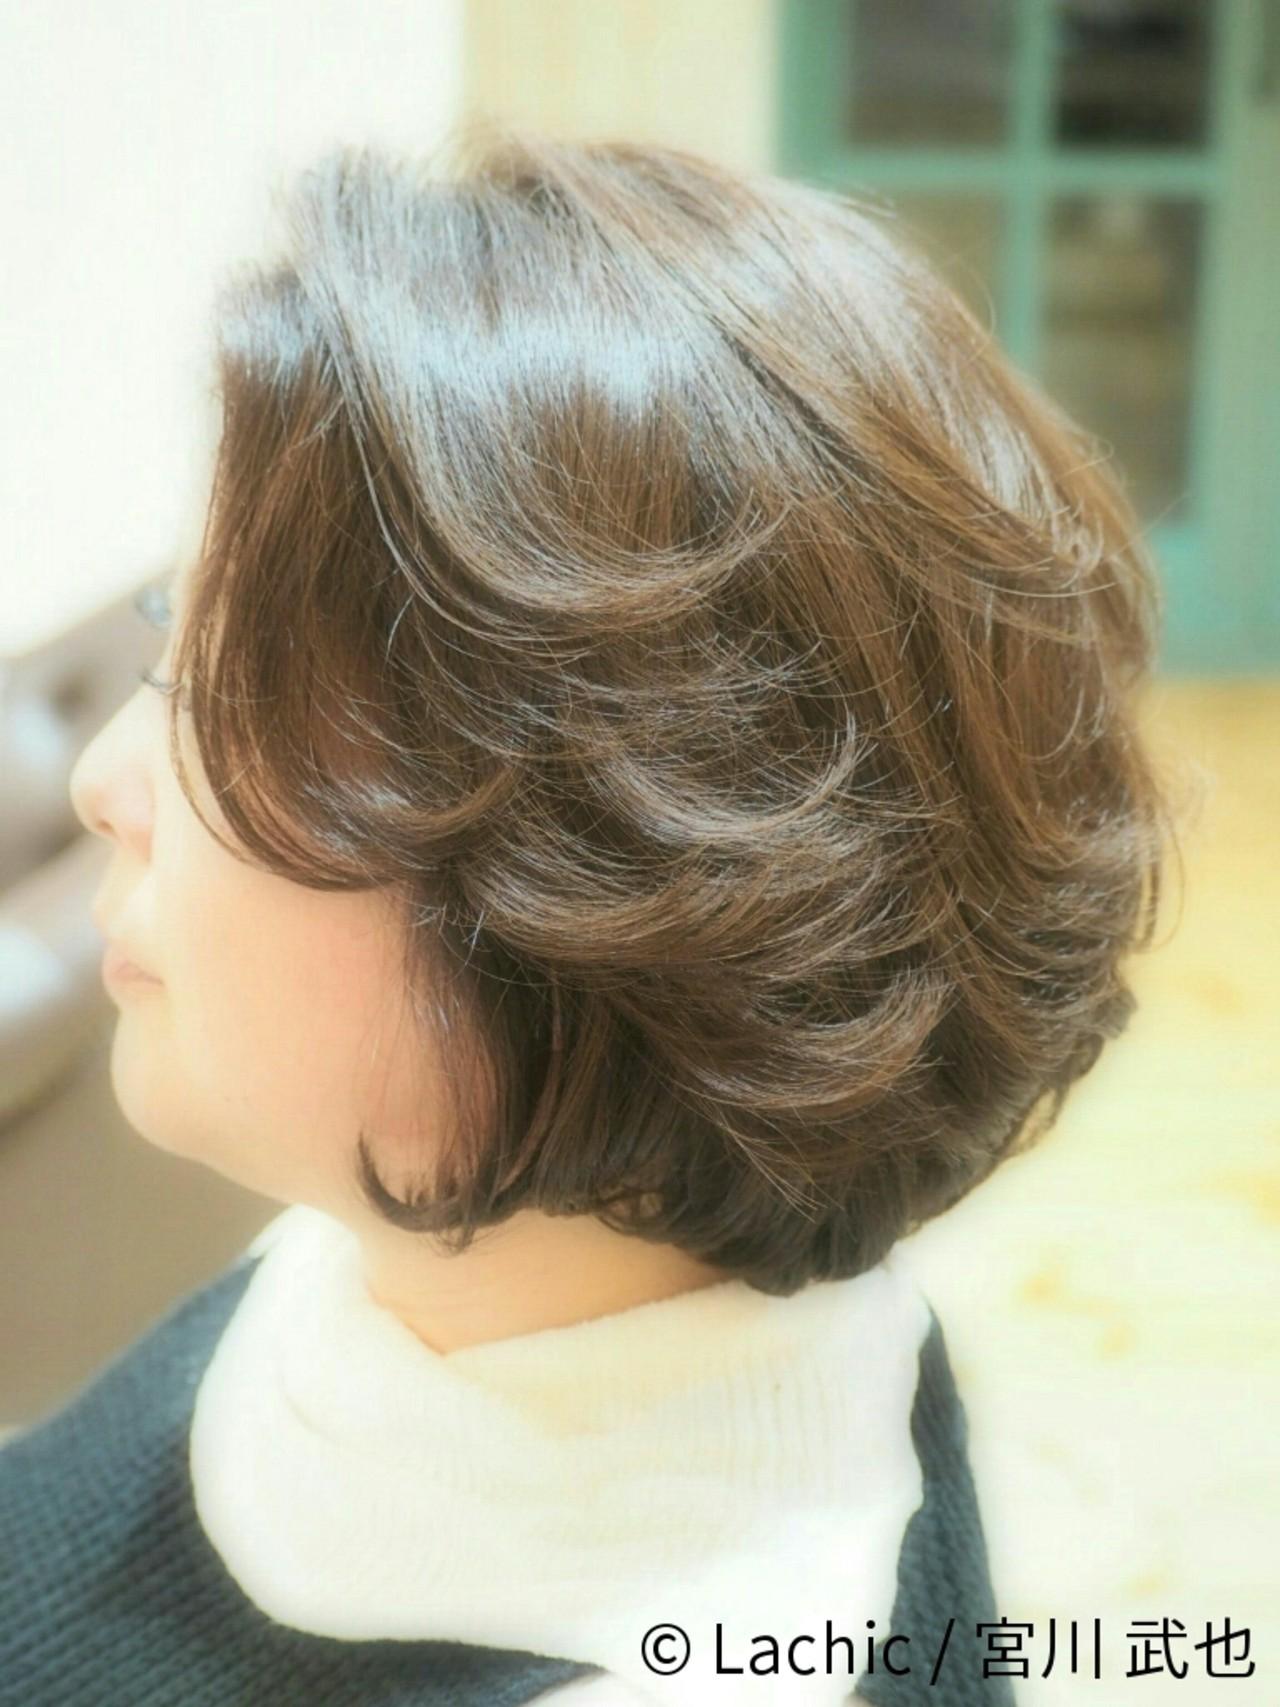 50代のためのヘアスタイル特集。気を付けたいポイントまとめ Lachic / 宮川 武也